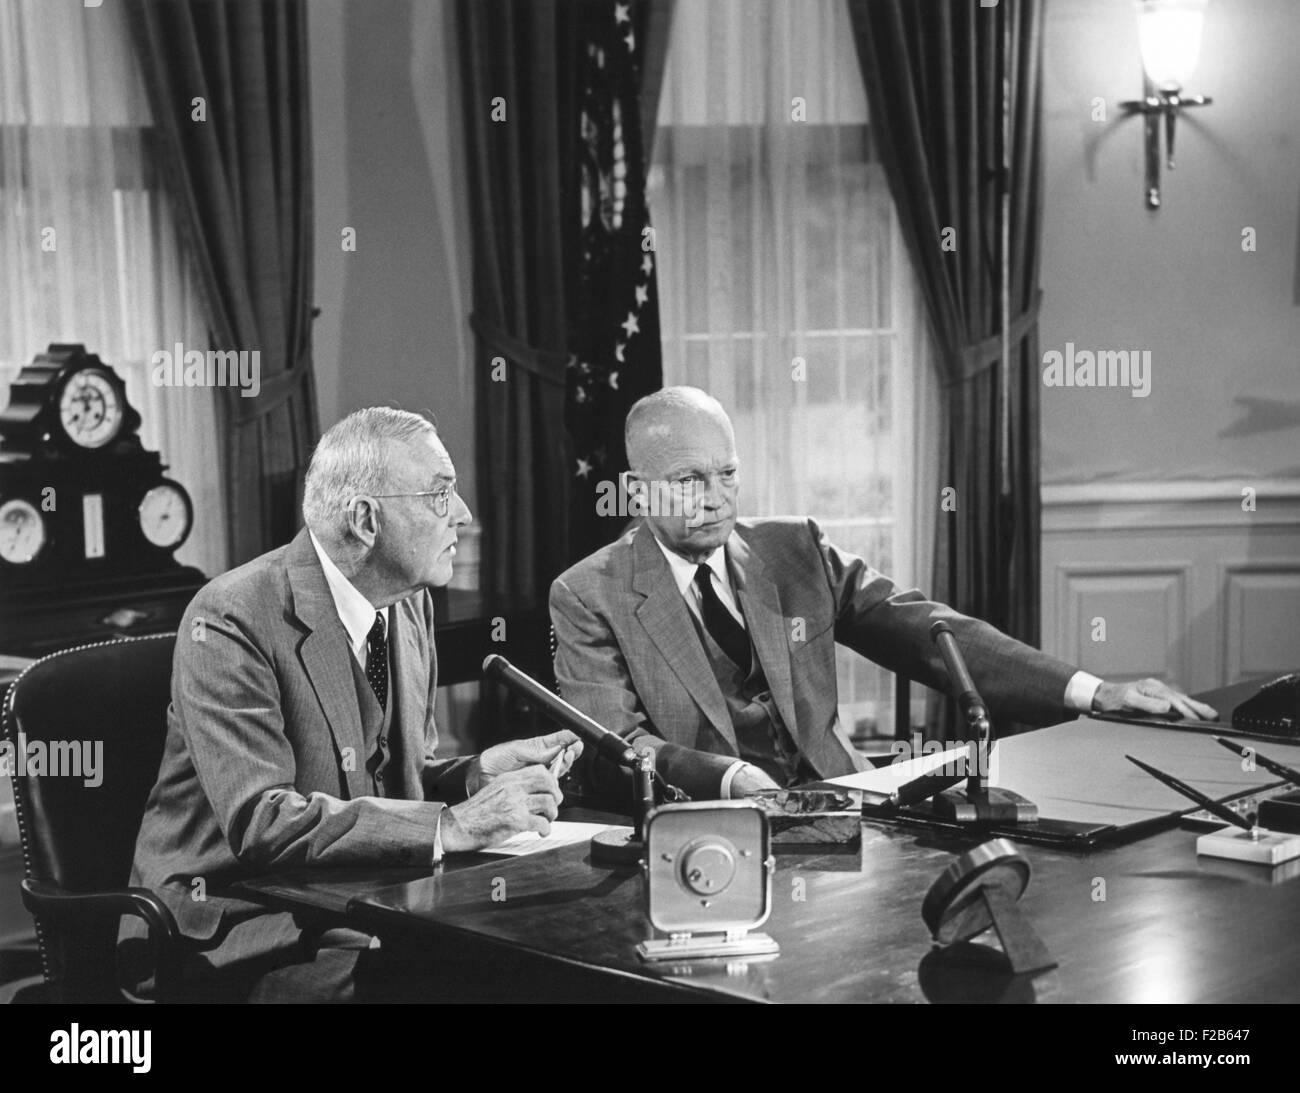 Le président Eisenhower a présenté Sec. d'État John Foster Dulles, qui ont discuté Photo Stock